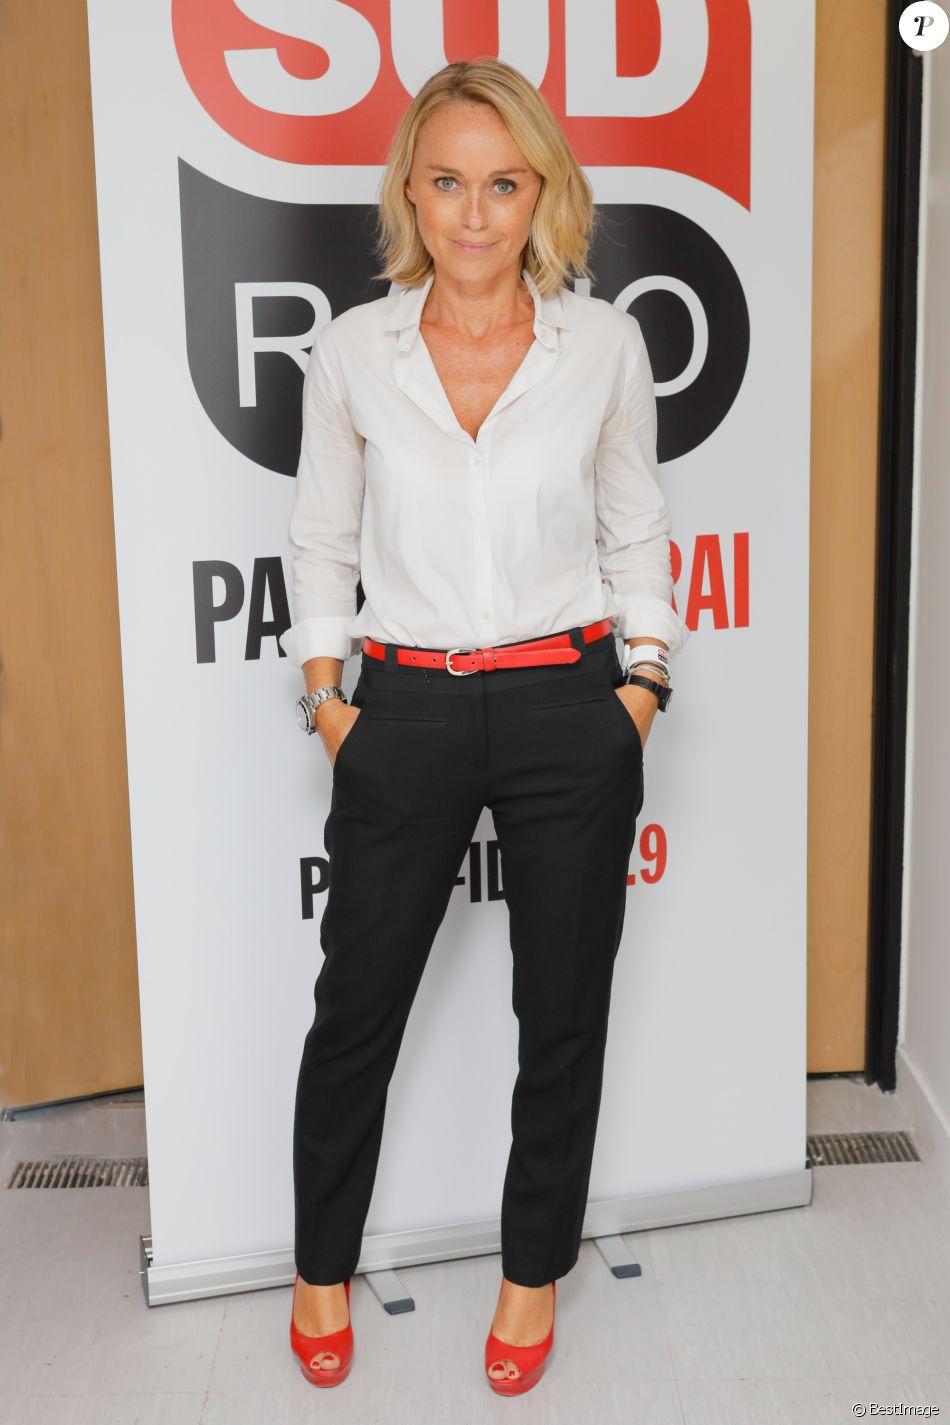 Exclusif - Cécile de Ménibus - Conférence de rentrée de Sud Radio dans ses locaux de l'immeuble Passy Kennedy à Paris, le 13 septembre 2018 © CVS / Bestimage